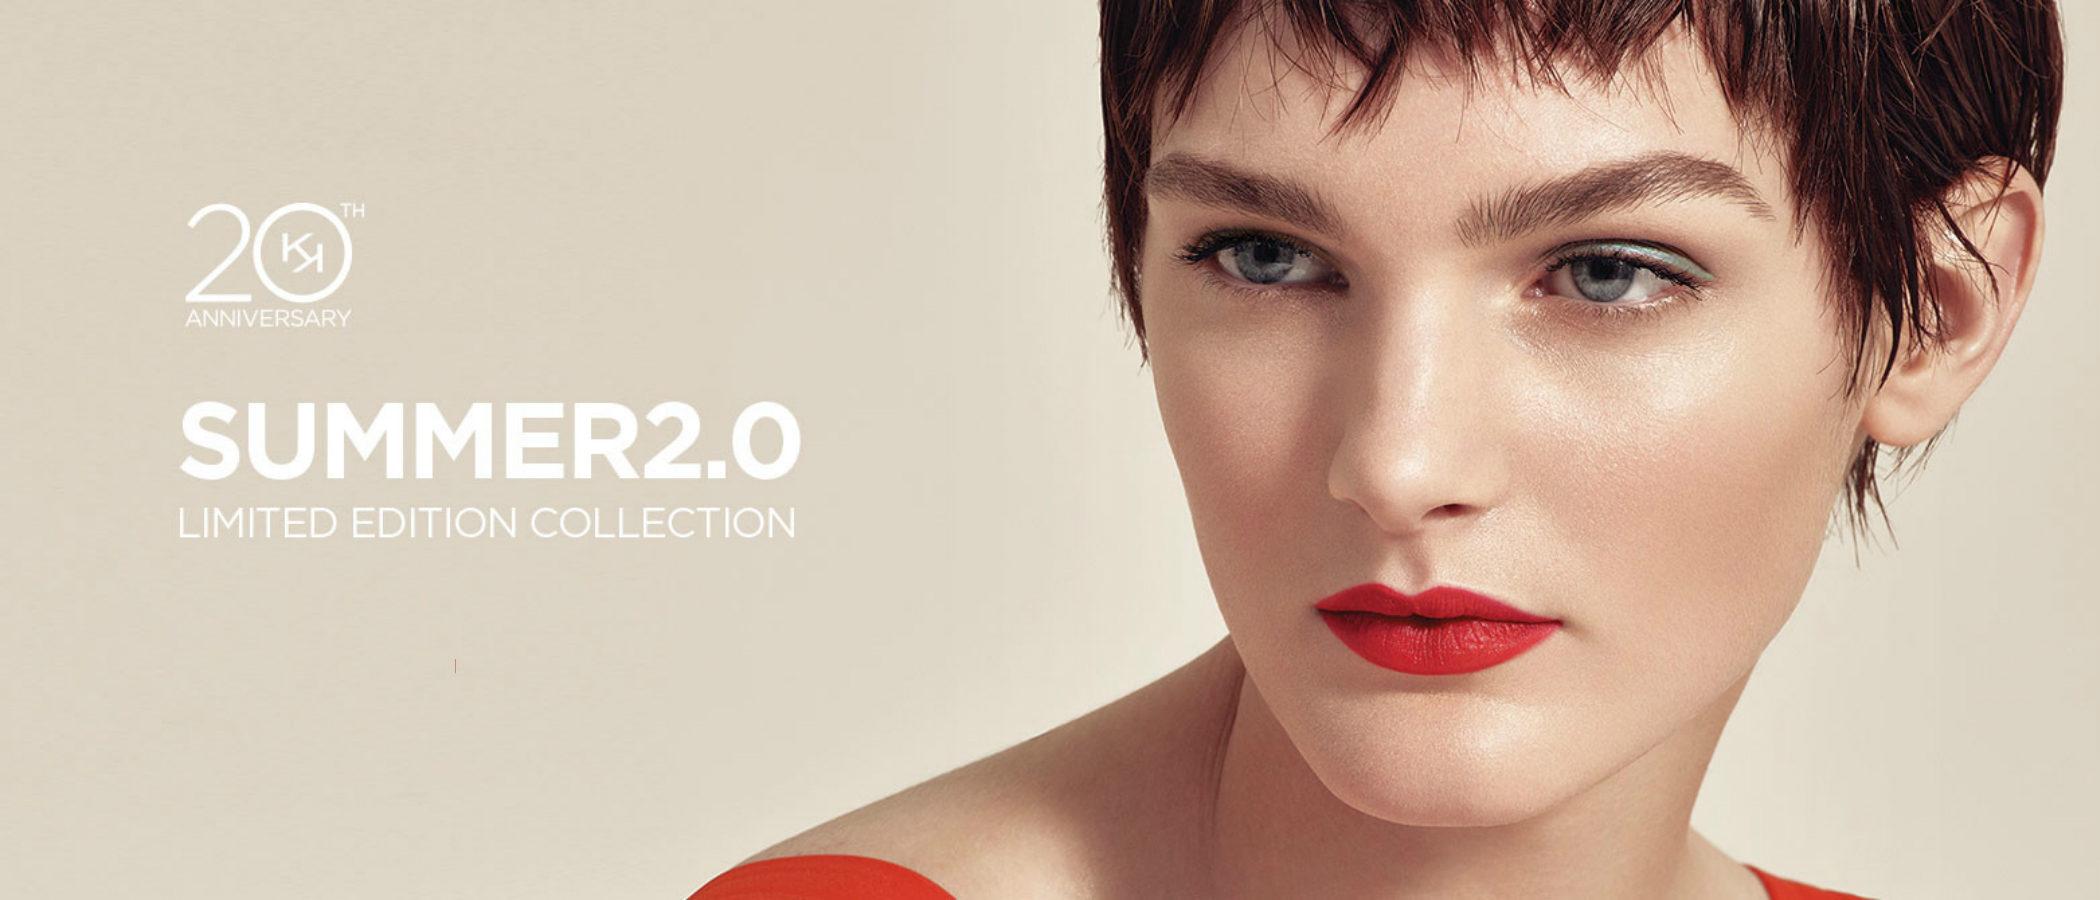 Así es 'Summer 2.0', la colección veraniega de Kiko en su 20 aniversario